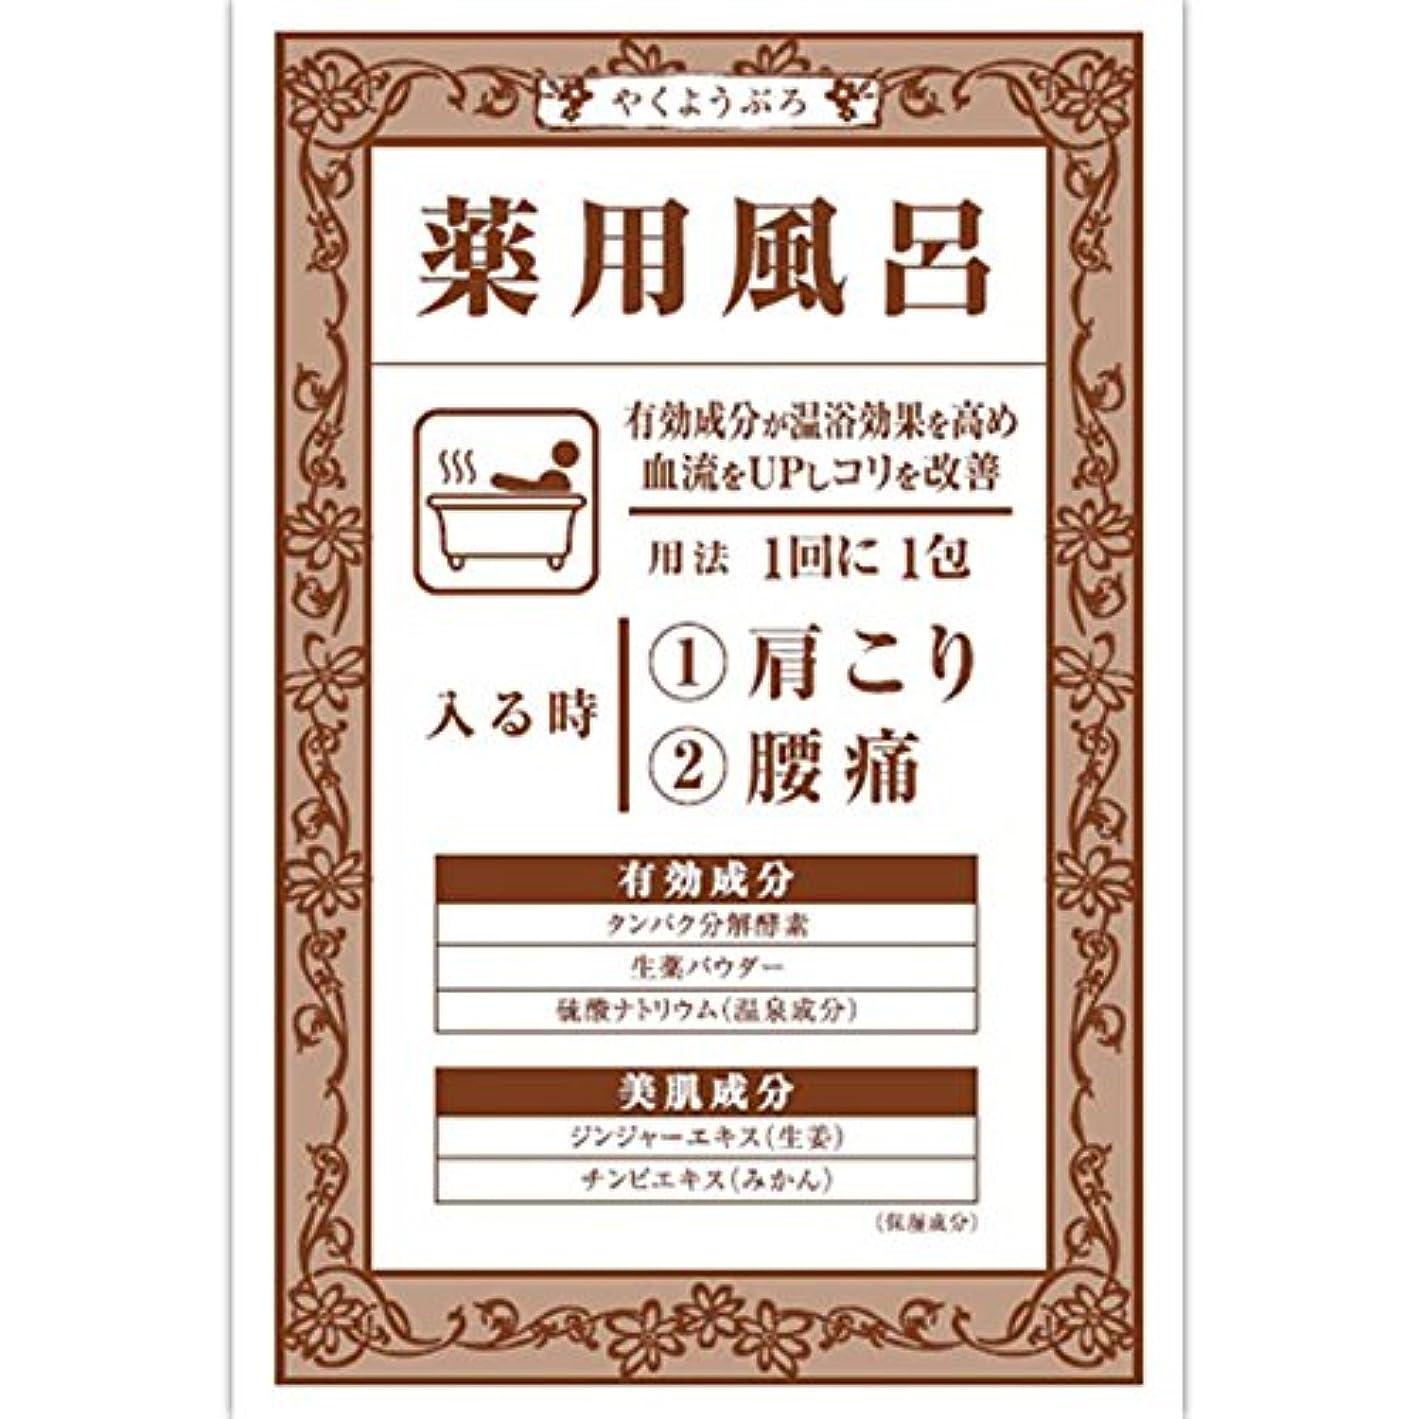 ベテラン昇進アテンダント大山 薬用風呂KKa(肩こり?腰痛) 40G(医薬部外品)